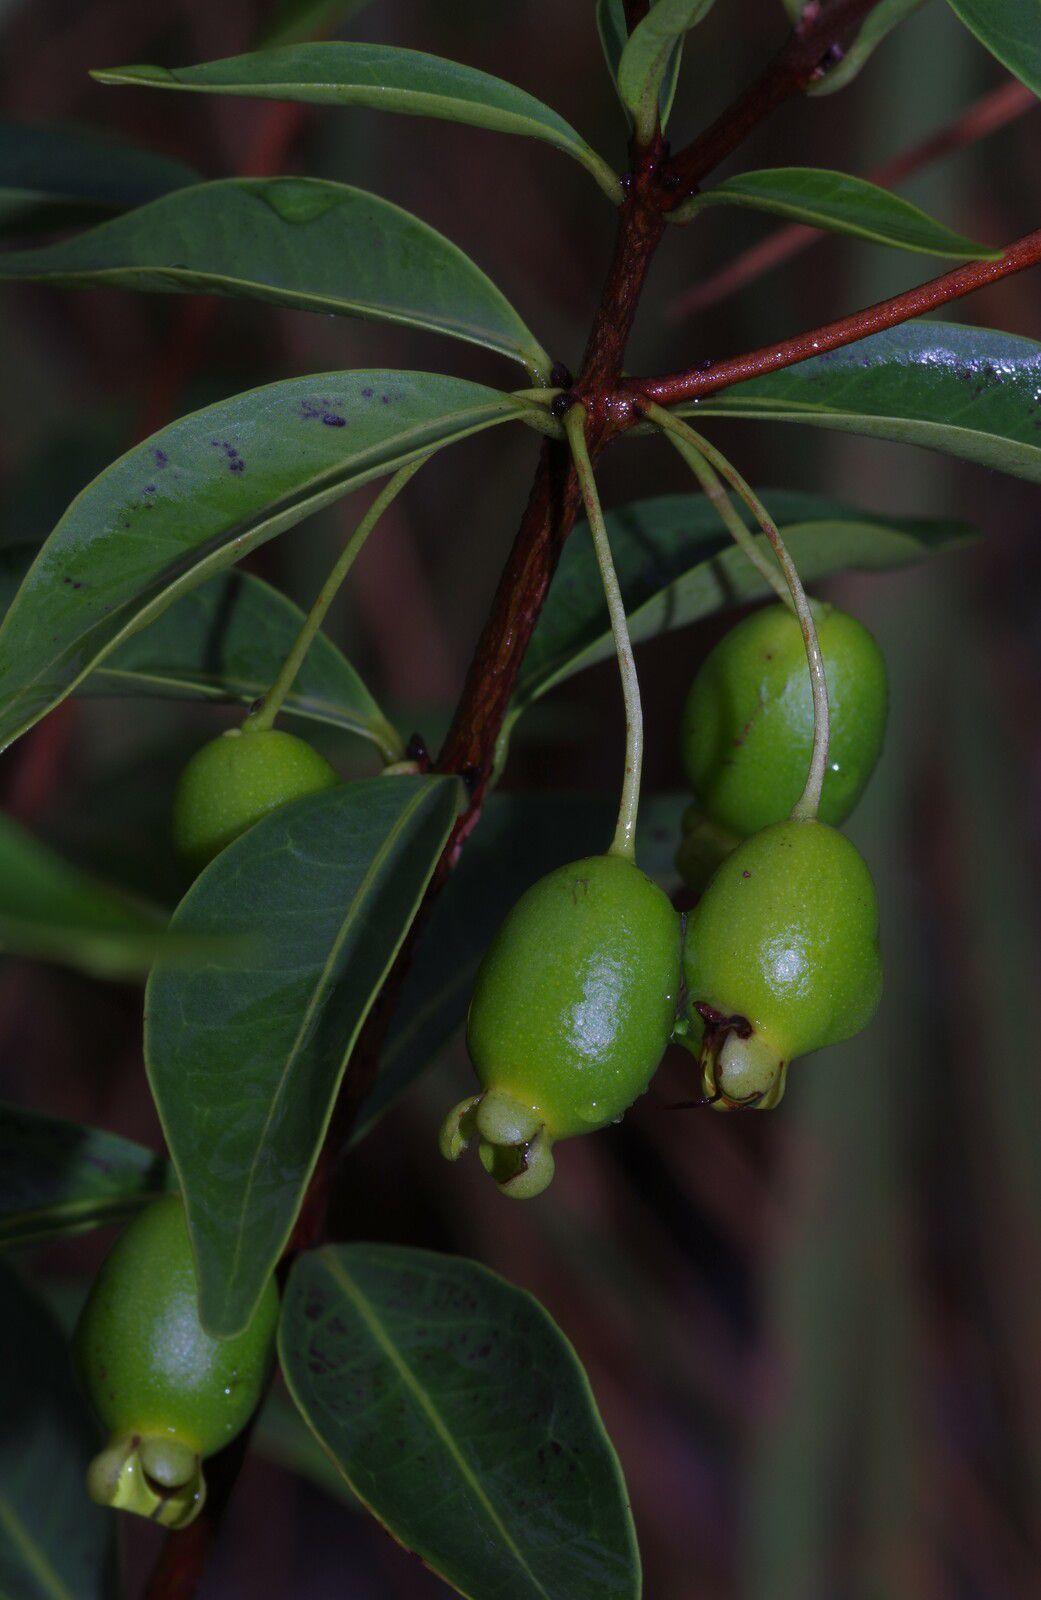 Eugenia punicifolia